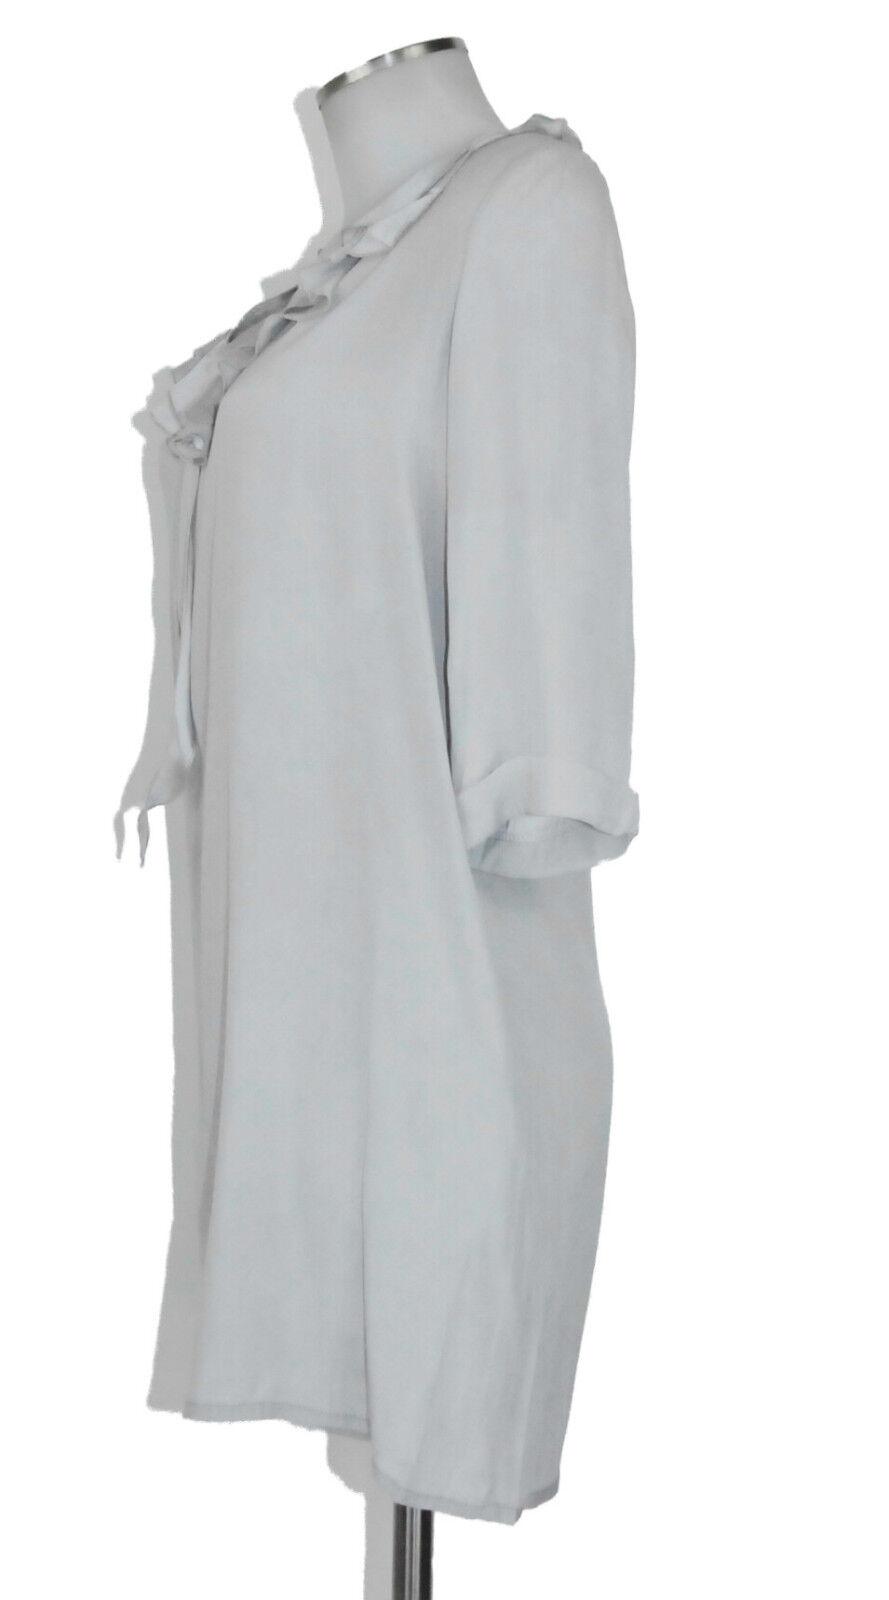 Mr. Mrs. Shirt in L Seide grau mit Glanz Blause Top blouse Top | Schöne Kunst  | Neuheit Spielzeug  | Auktion  | Mittel Preis  | Großartig